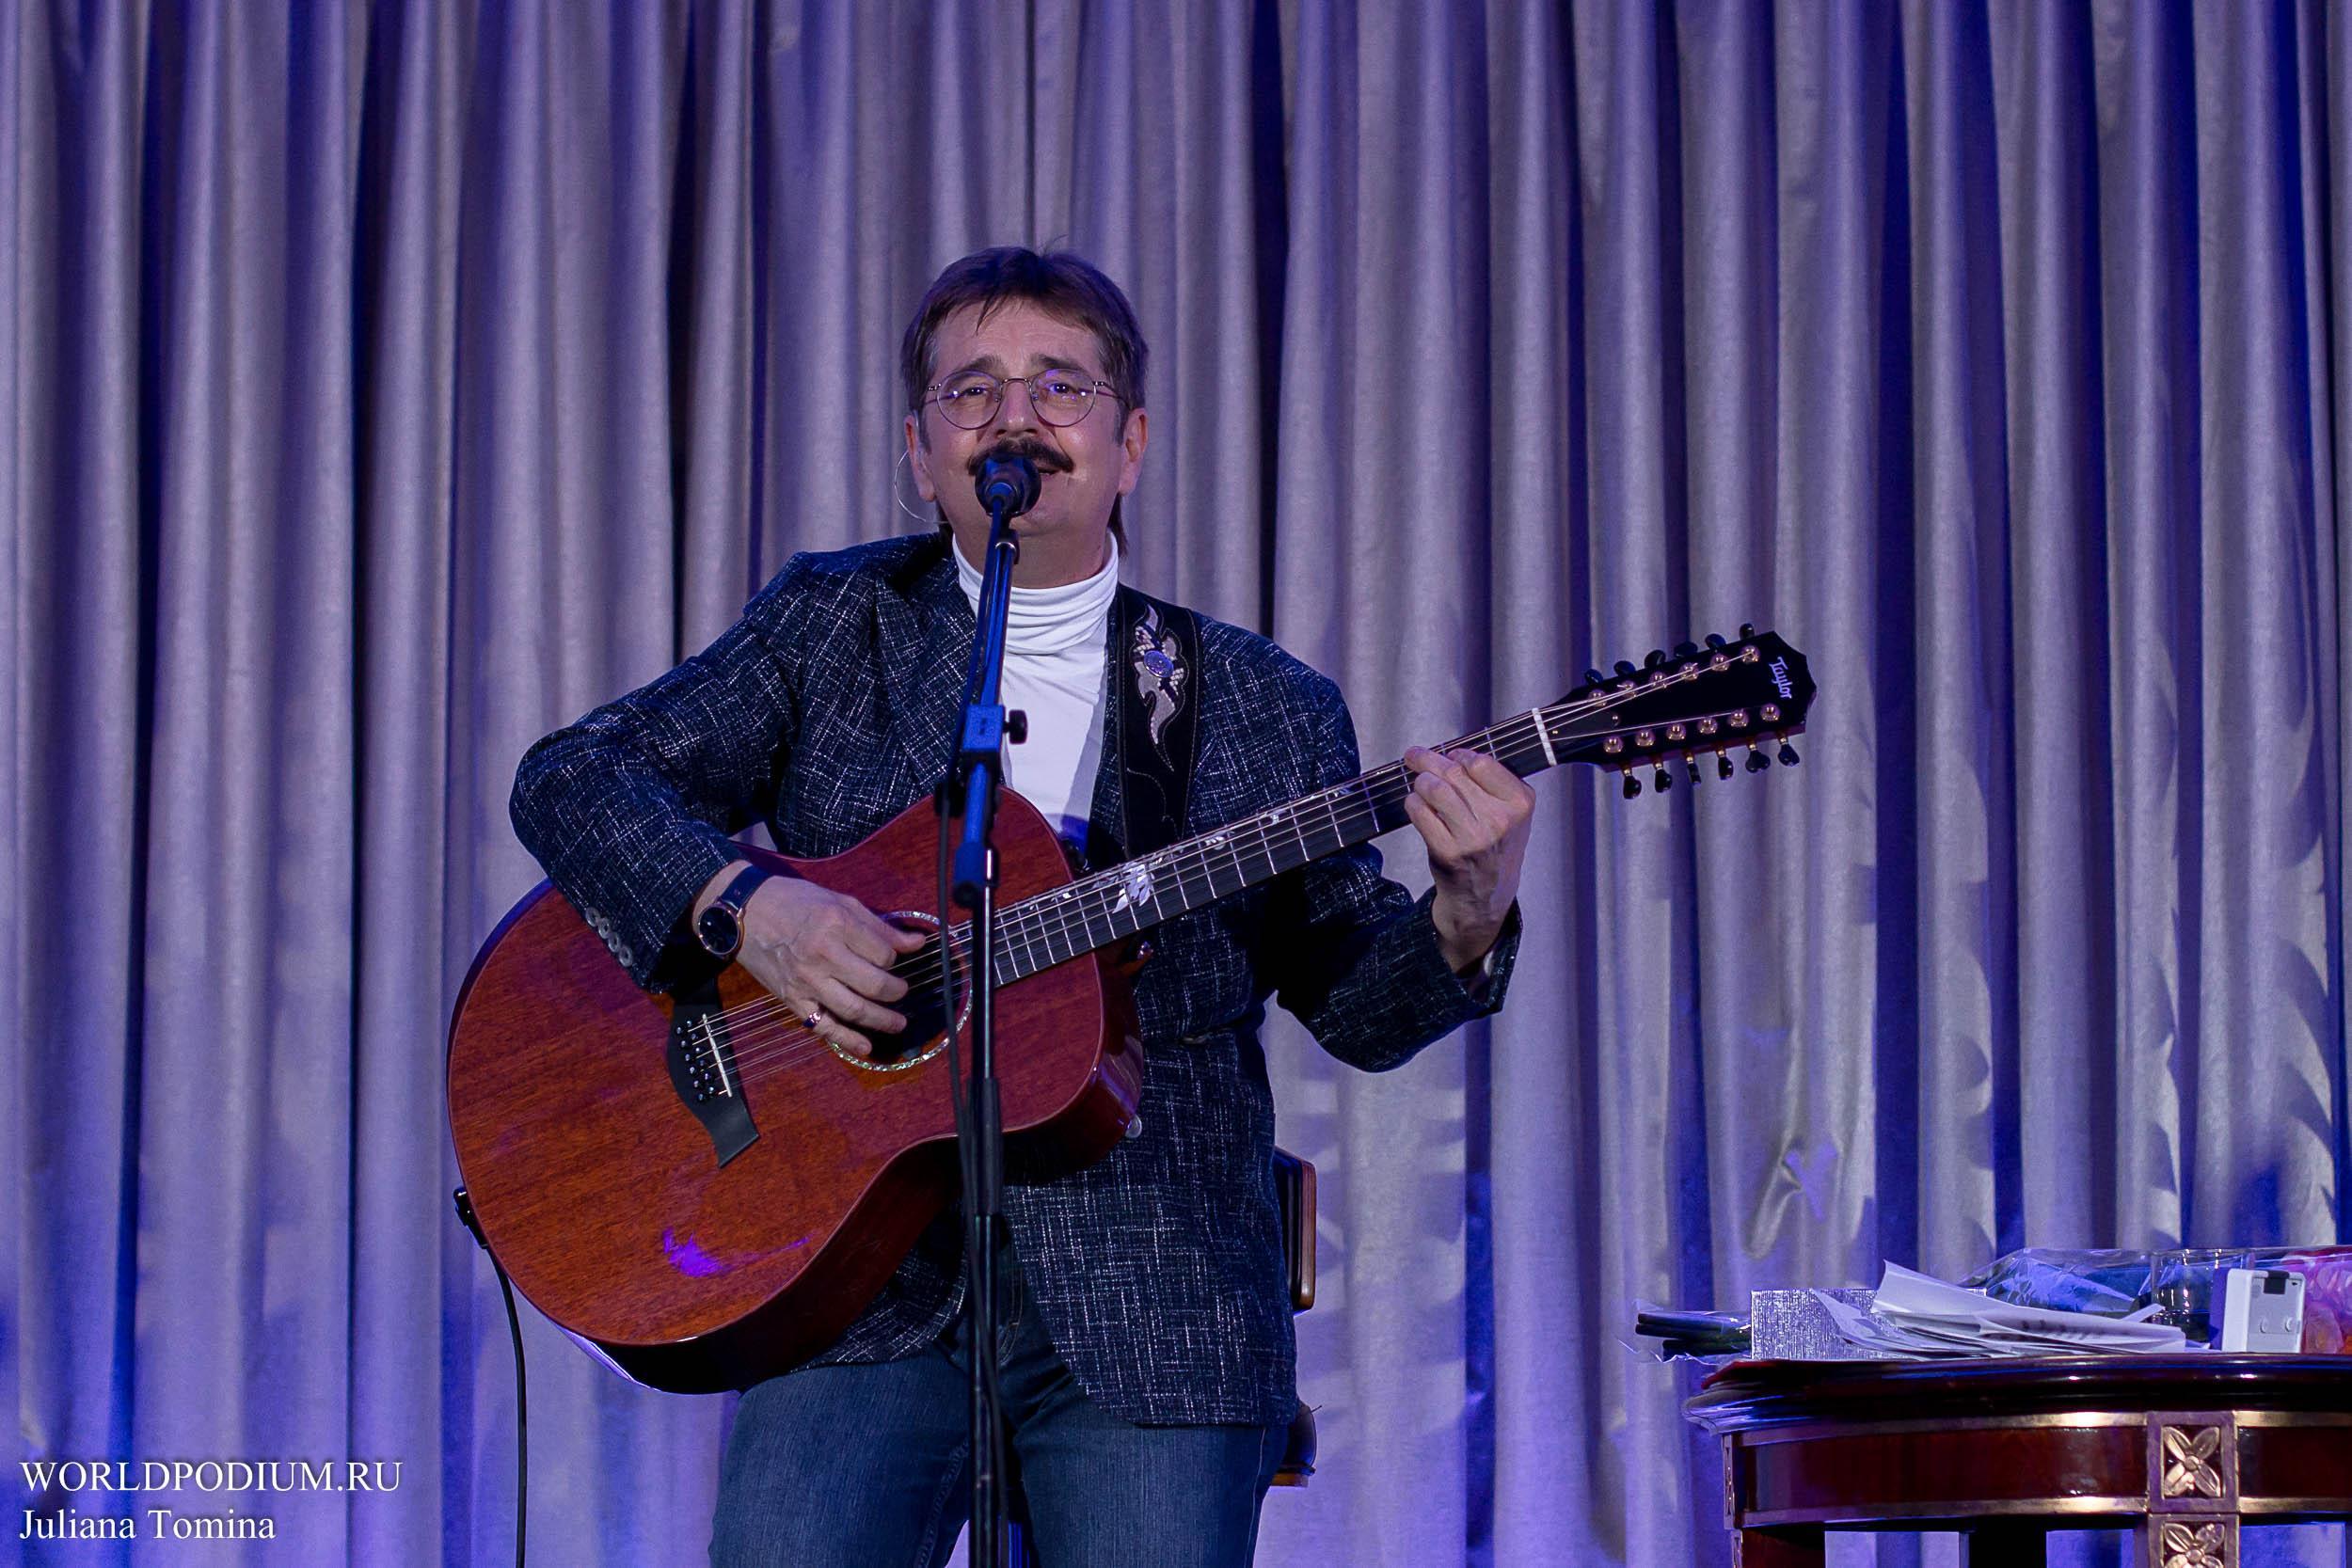 Сольный концерт Виктора Третьякова в Дипломатическом зале Кремля: «В нашей жизни всё взаимосвязано!»